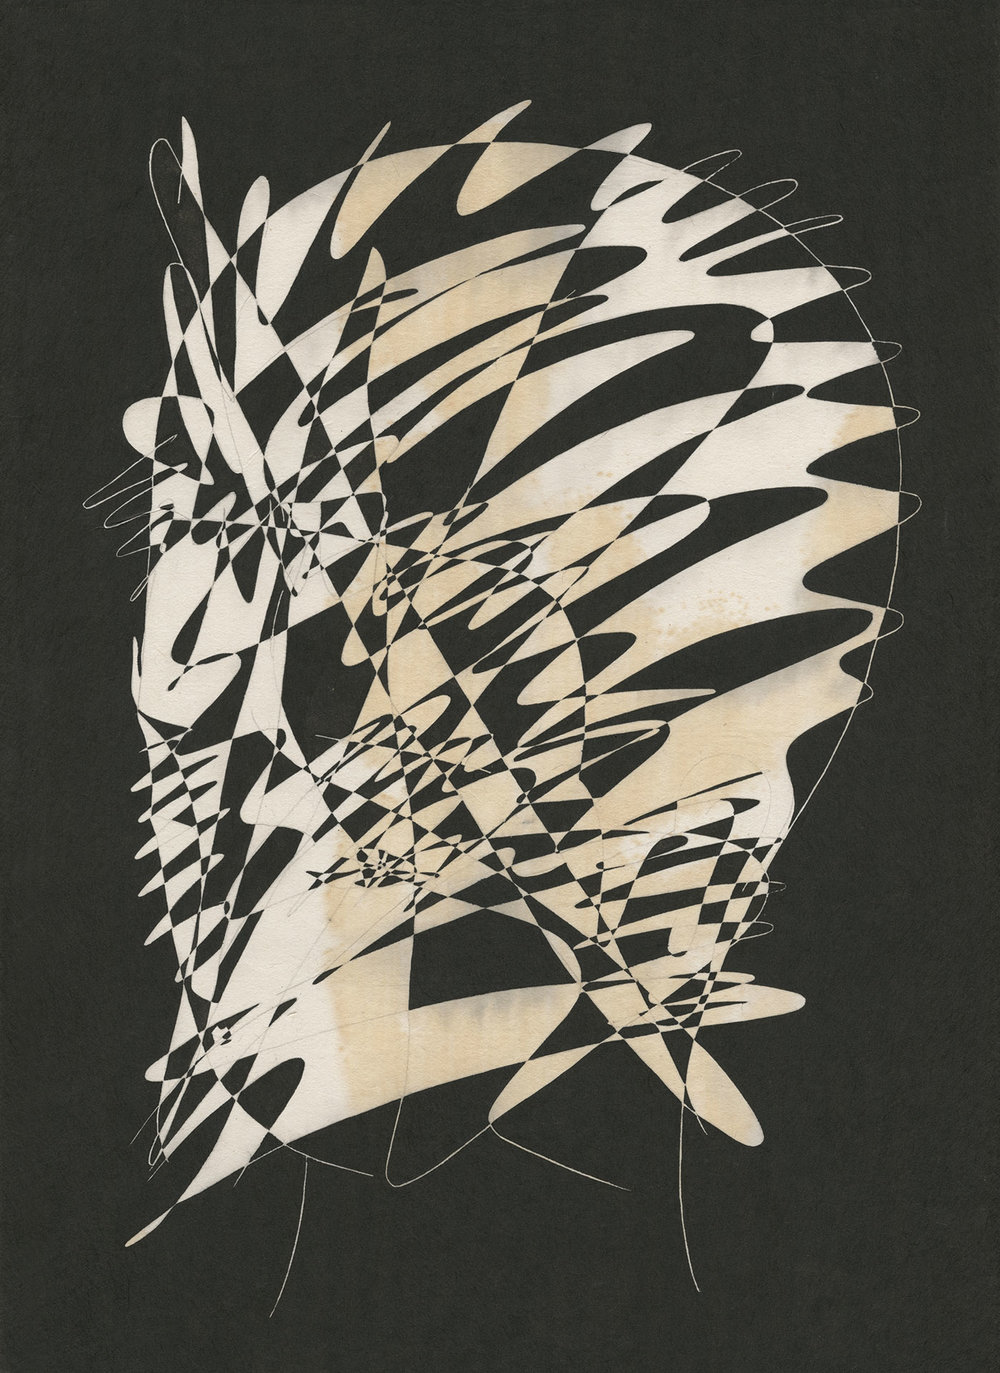 짓고 허무는 경계 III / Ephemeral silhouette III Op.0165P -33.5 x 46 cm,한지에 먹 / Korean ink on Korean paper, 2017